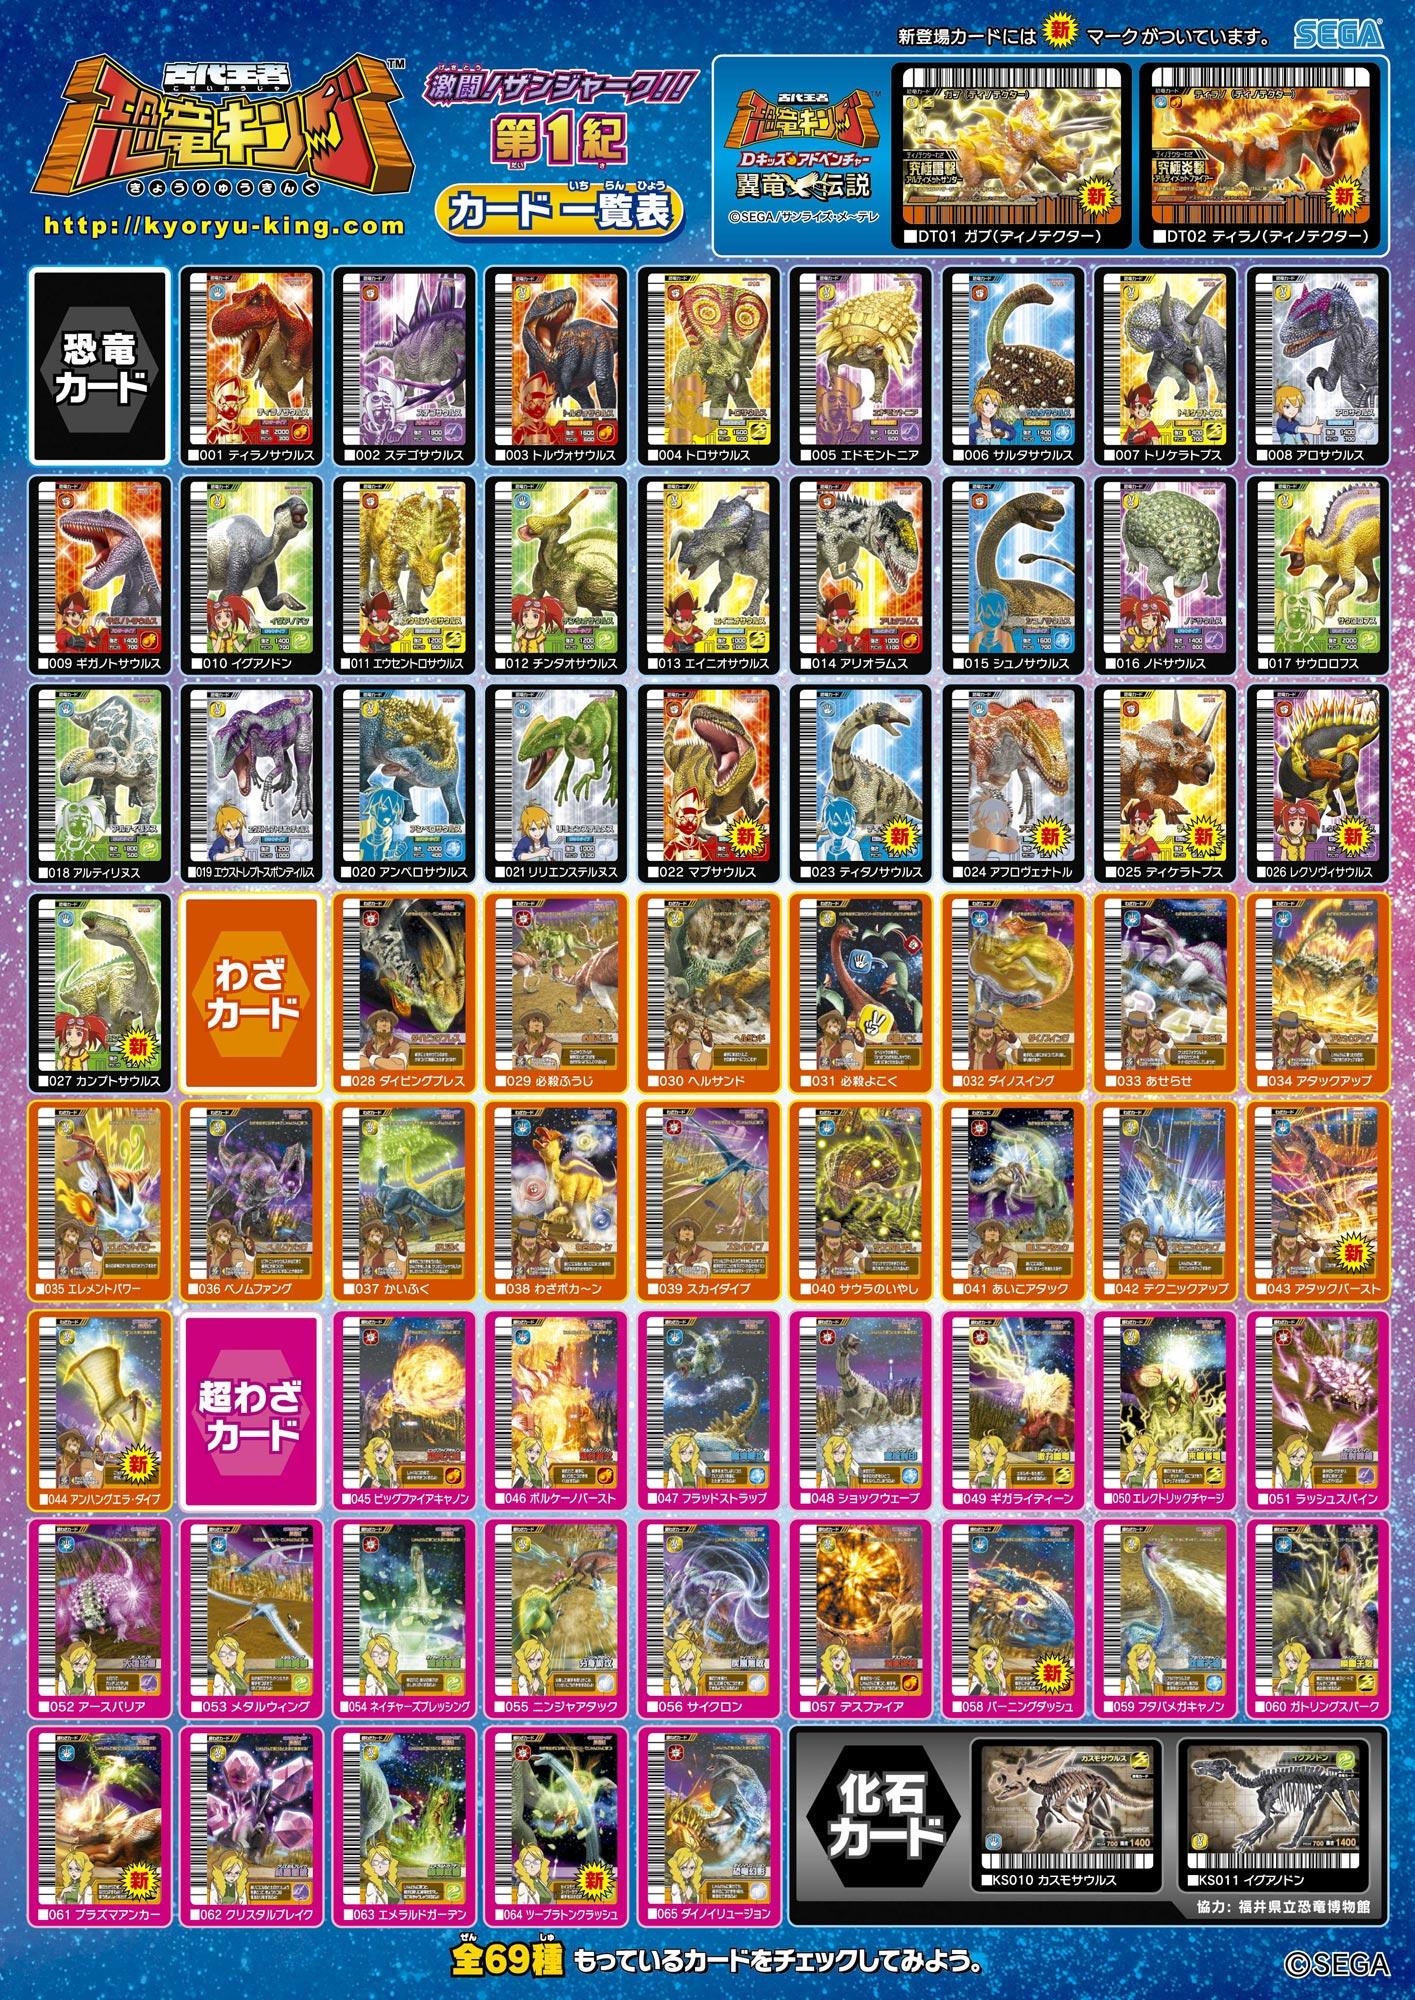 Dinosaur King Arcade Japanese Saichania Card 1st Edition